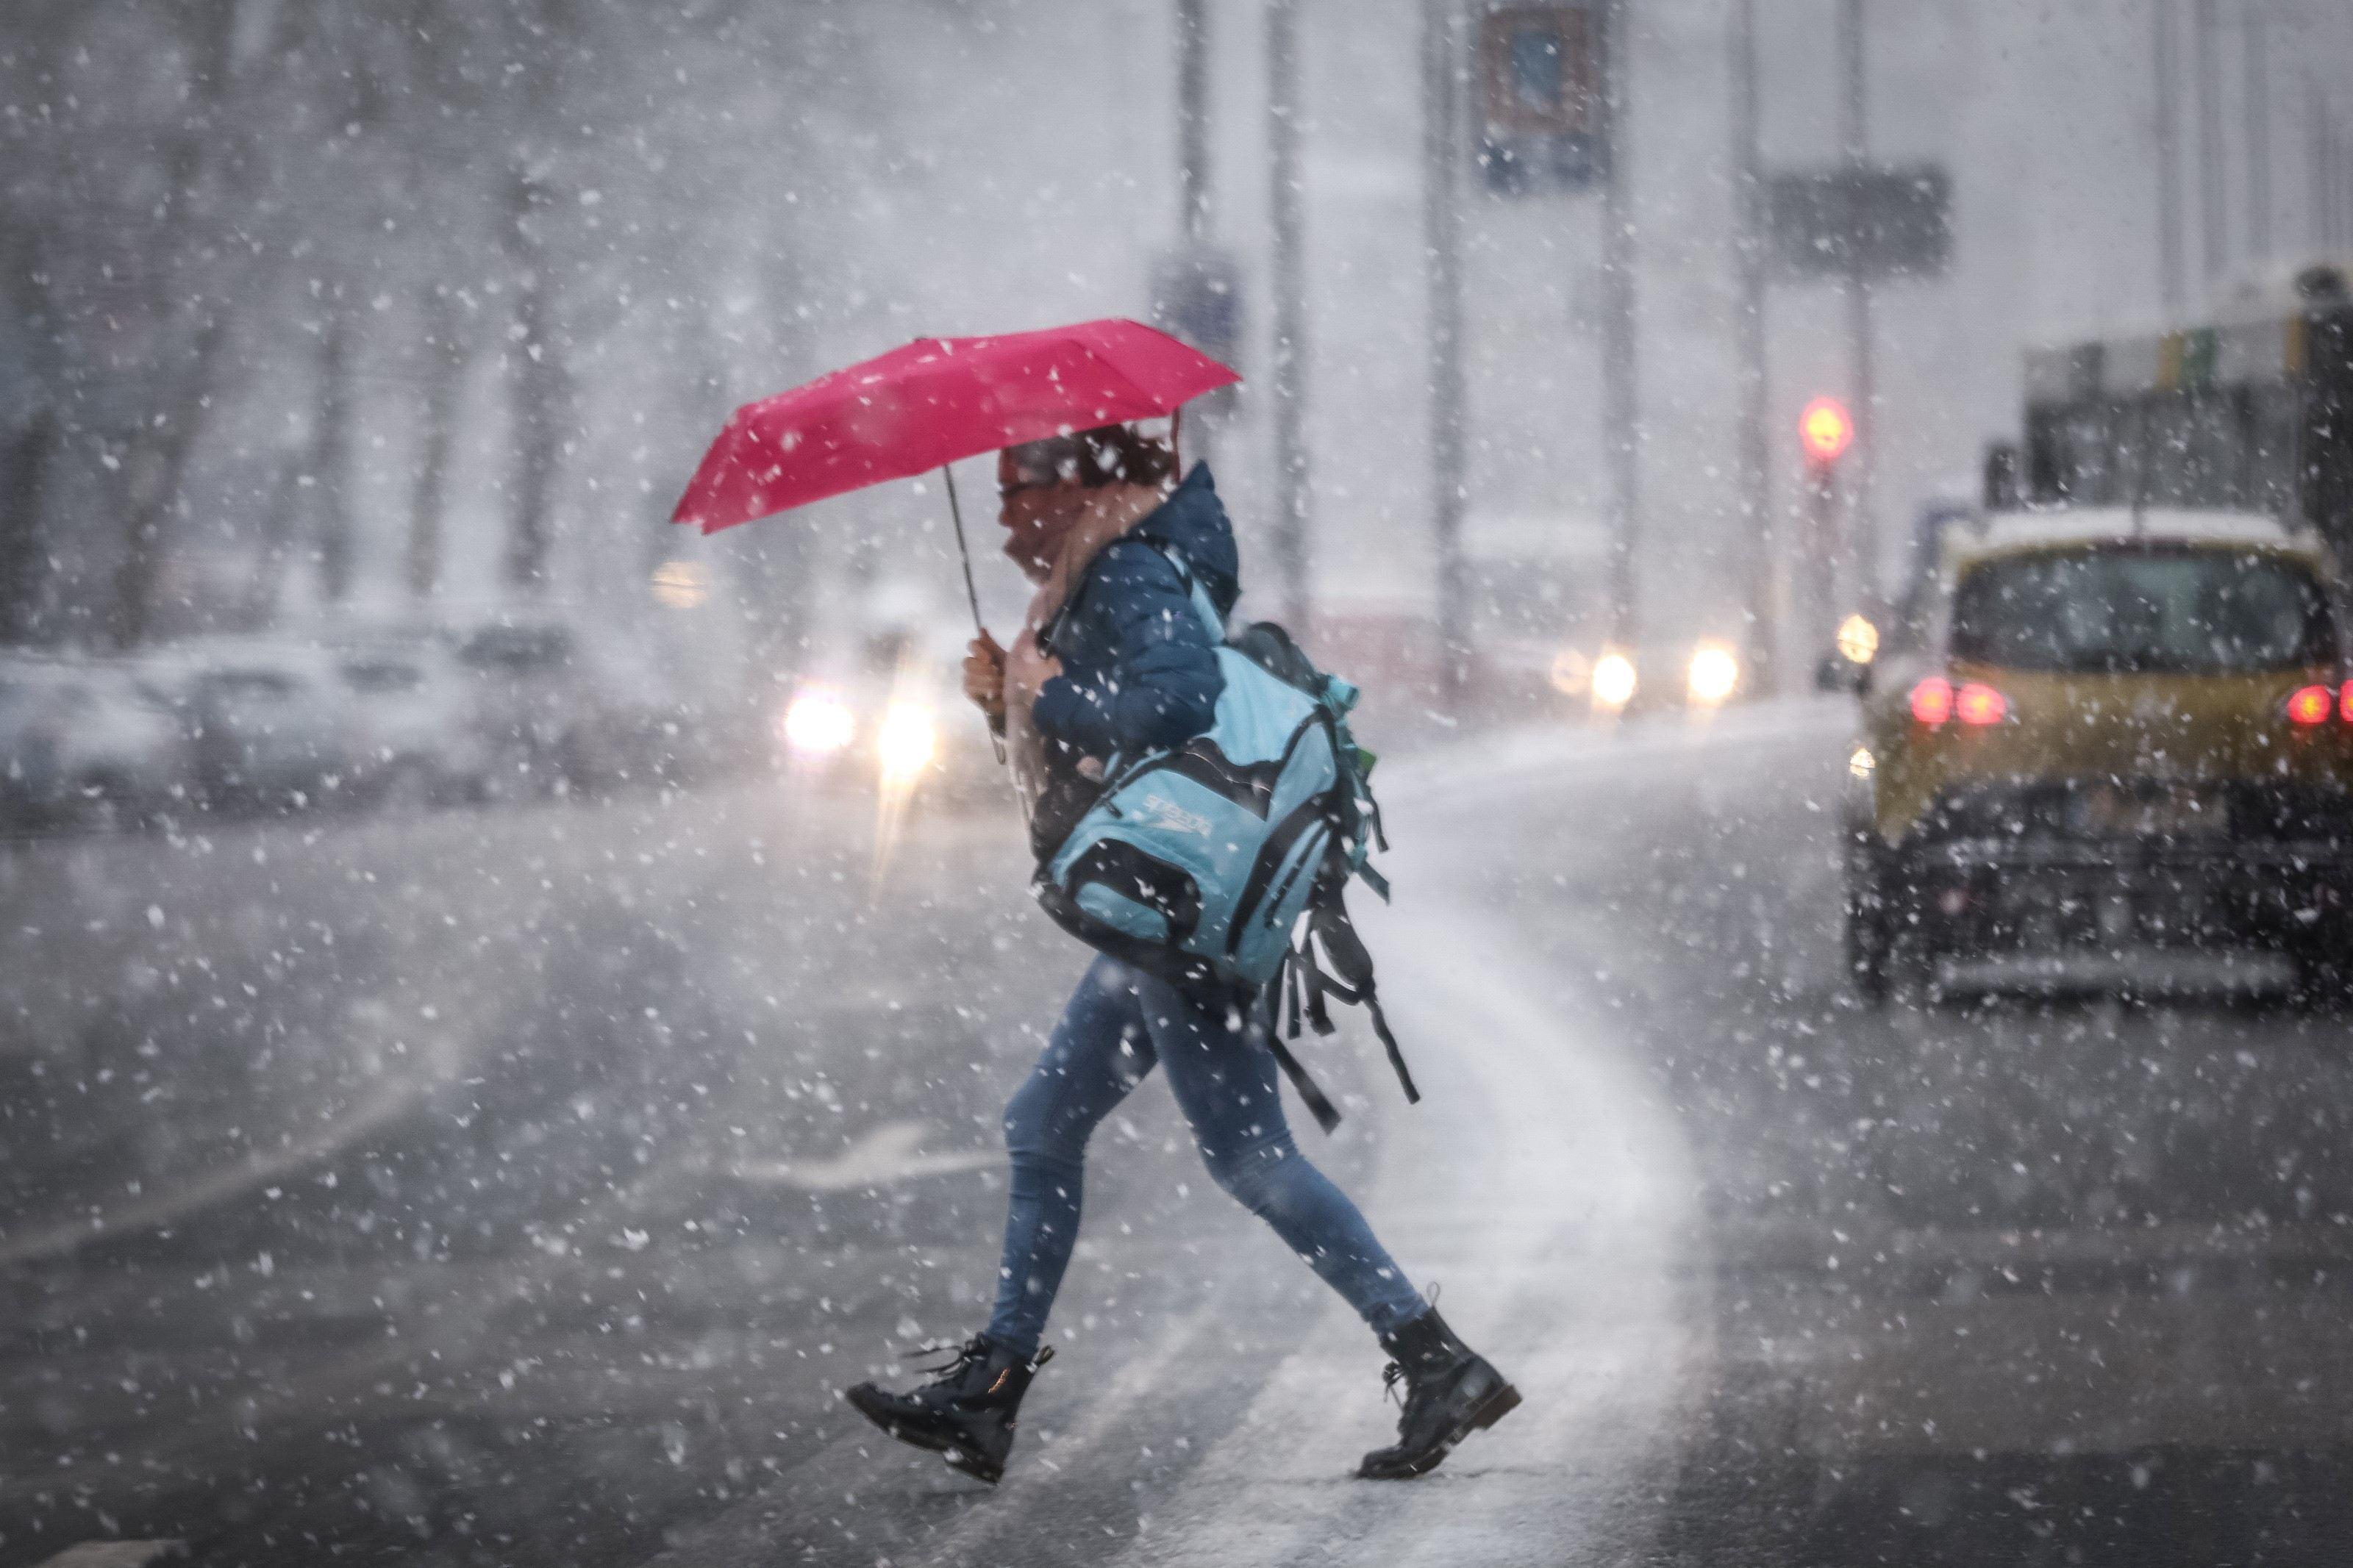 Vreme închisă. Regiunile unde va ninge / PROGNOZA METEO pentru joi şi vineri